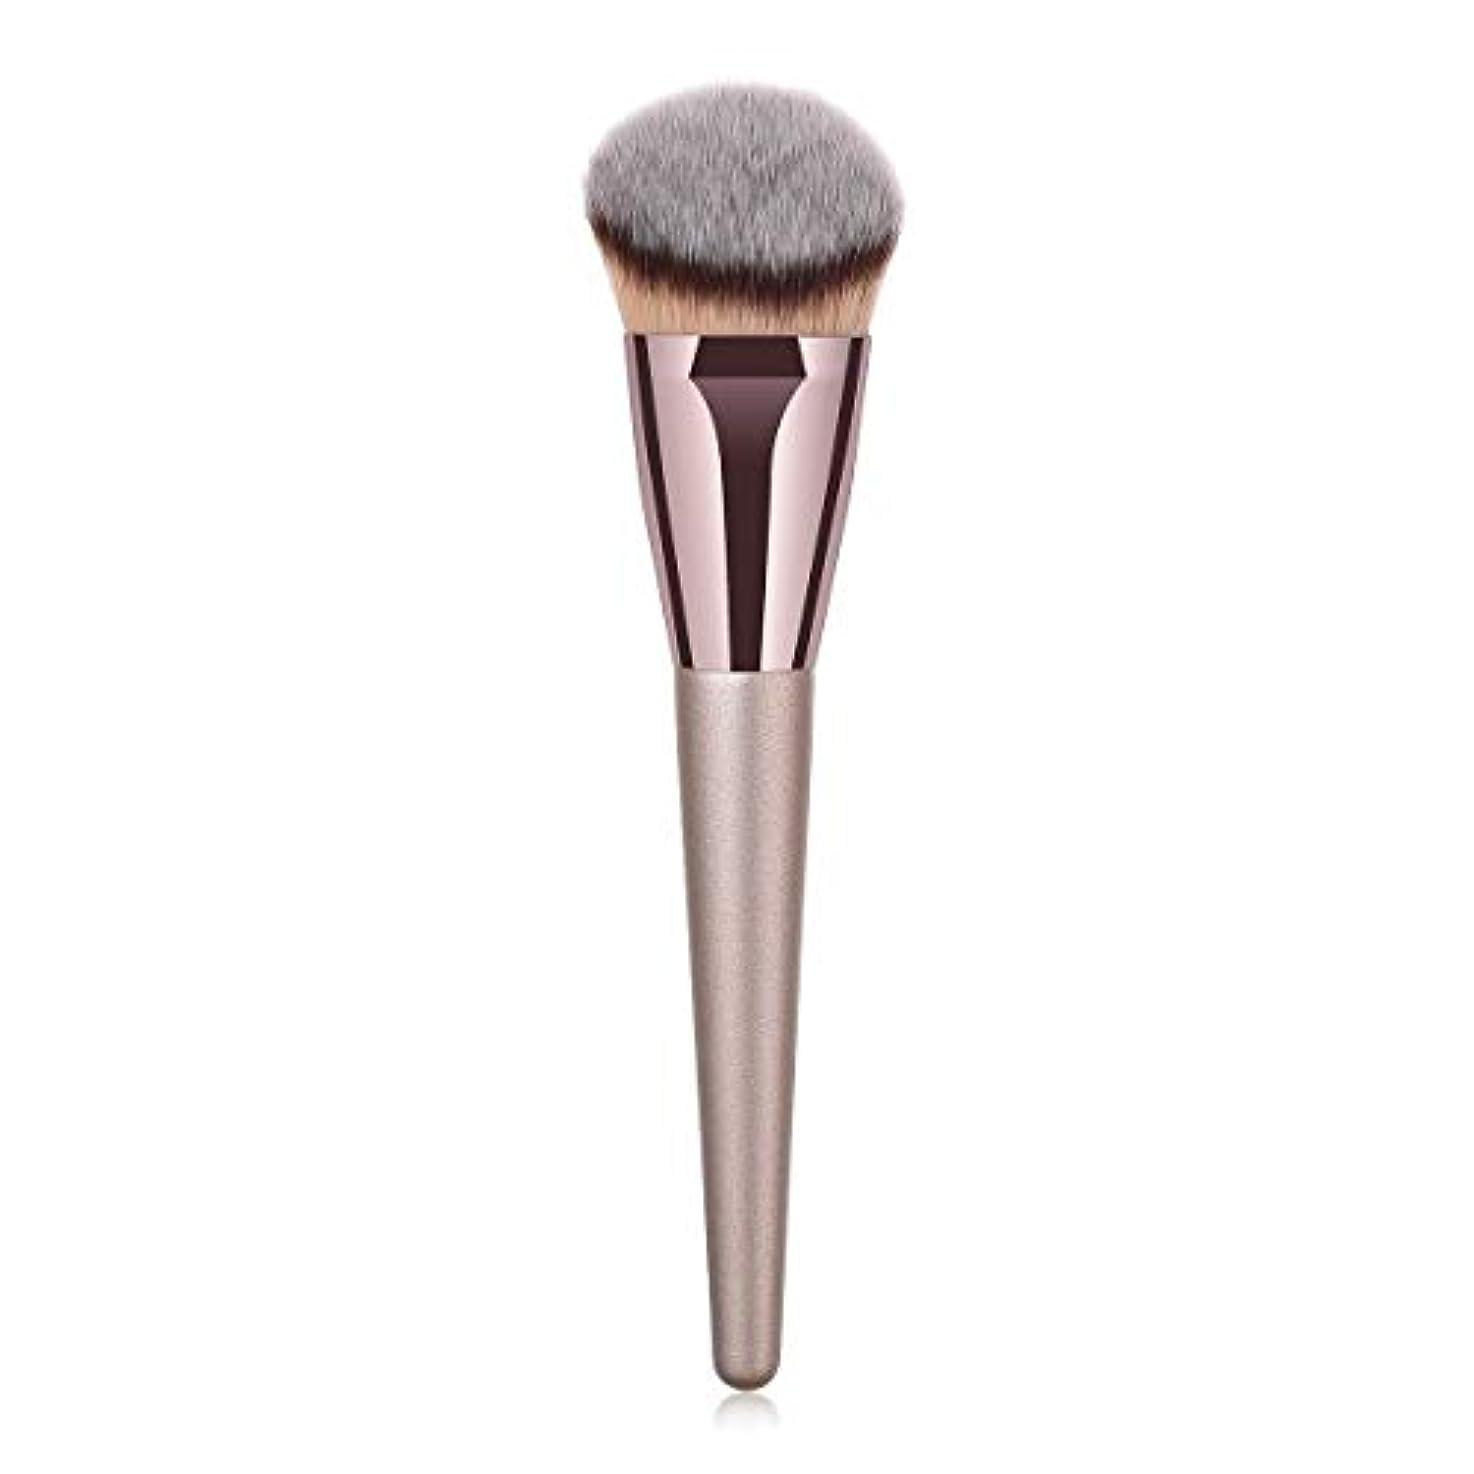 適格収益冷酷なMakeup brushes 持ち運びに便利、歌舞伎化粧ブラシ用パウダーブラッシュパウダーフルイド化粧品美容ツールCanonicalシングルブラシ suits (Color : Gray)